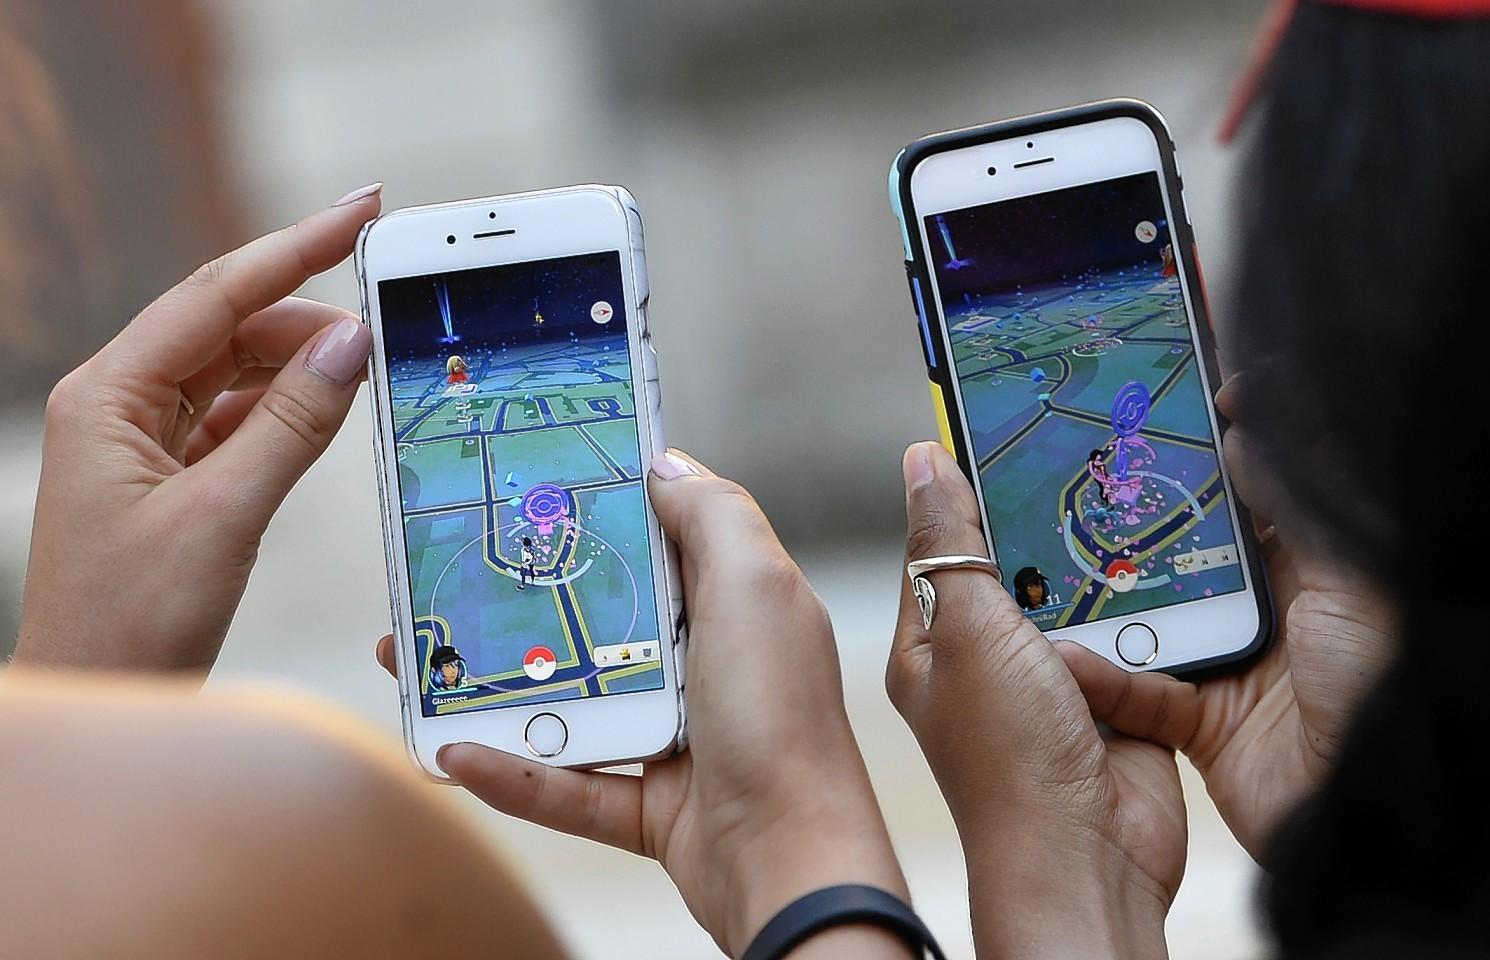 The Pokemon Go app